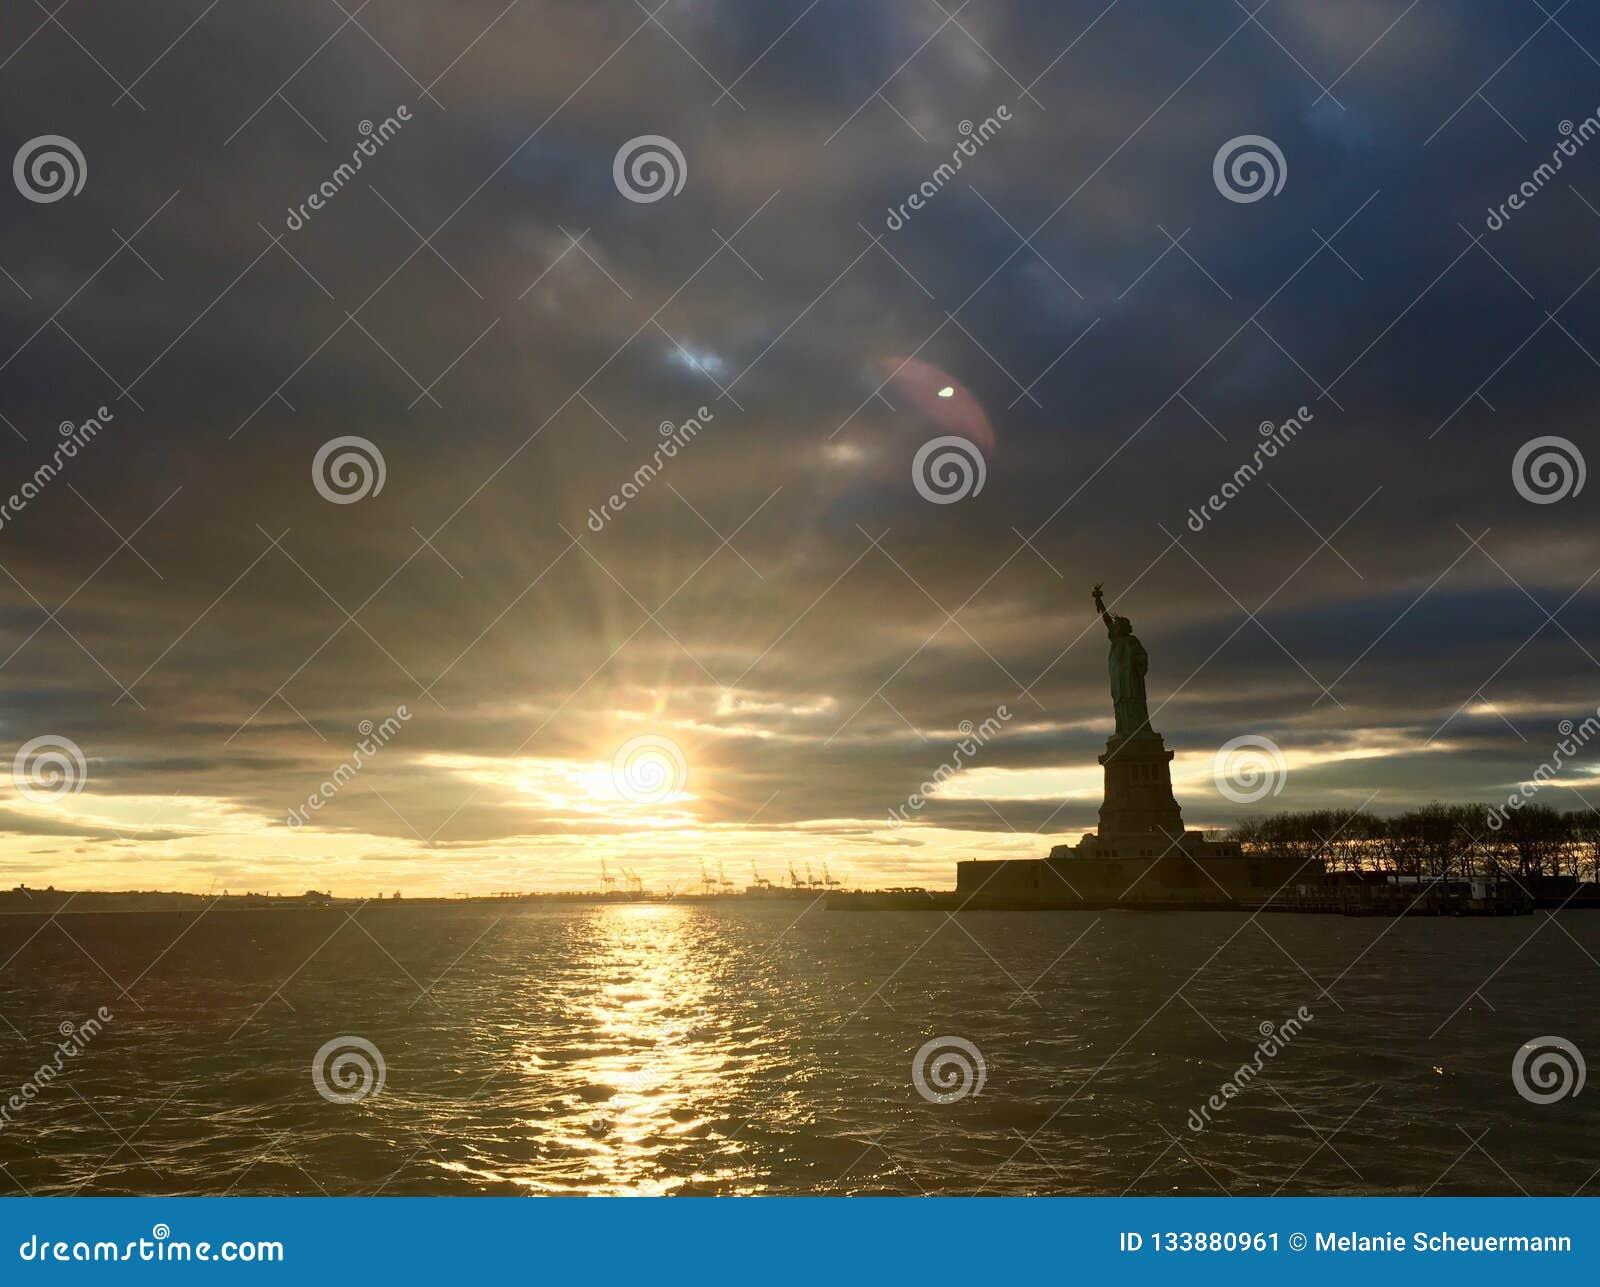 自由女神像在一个剧烈的风景中站立